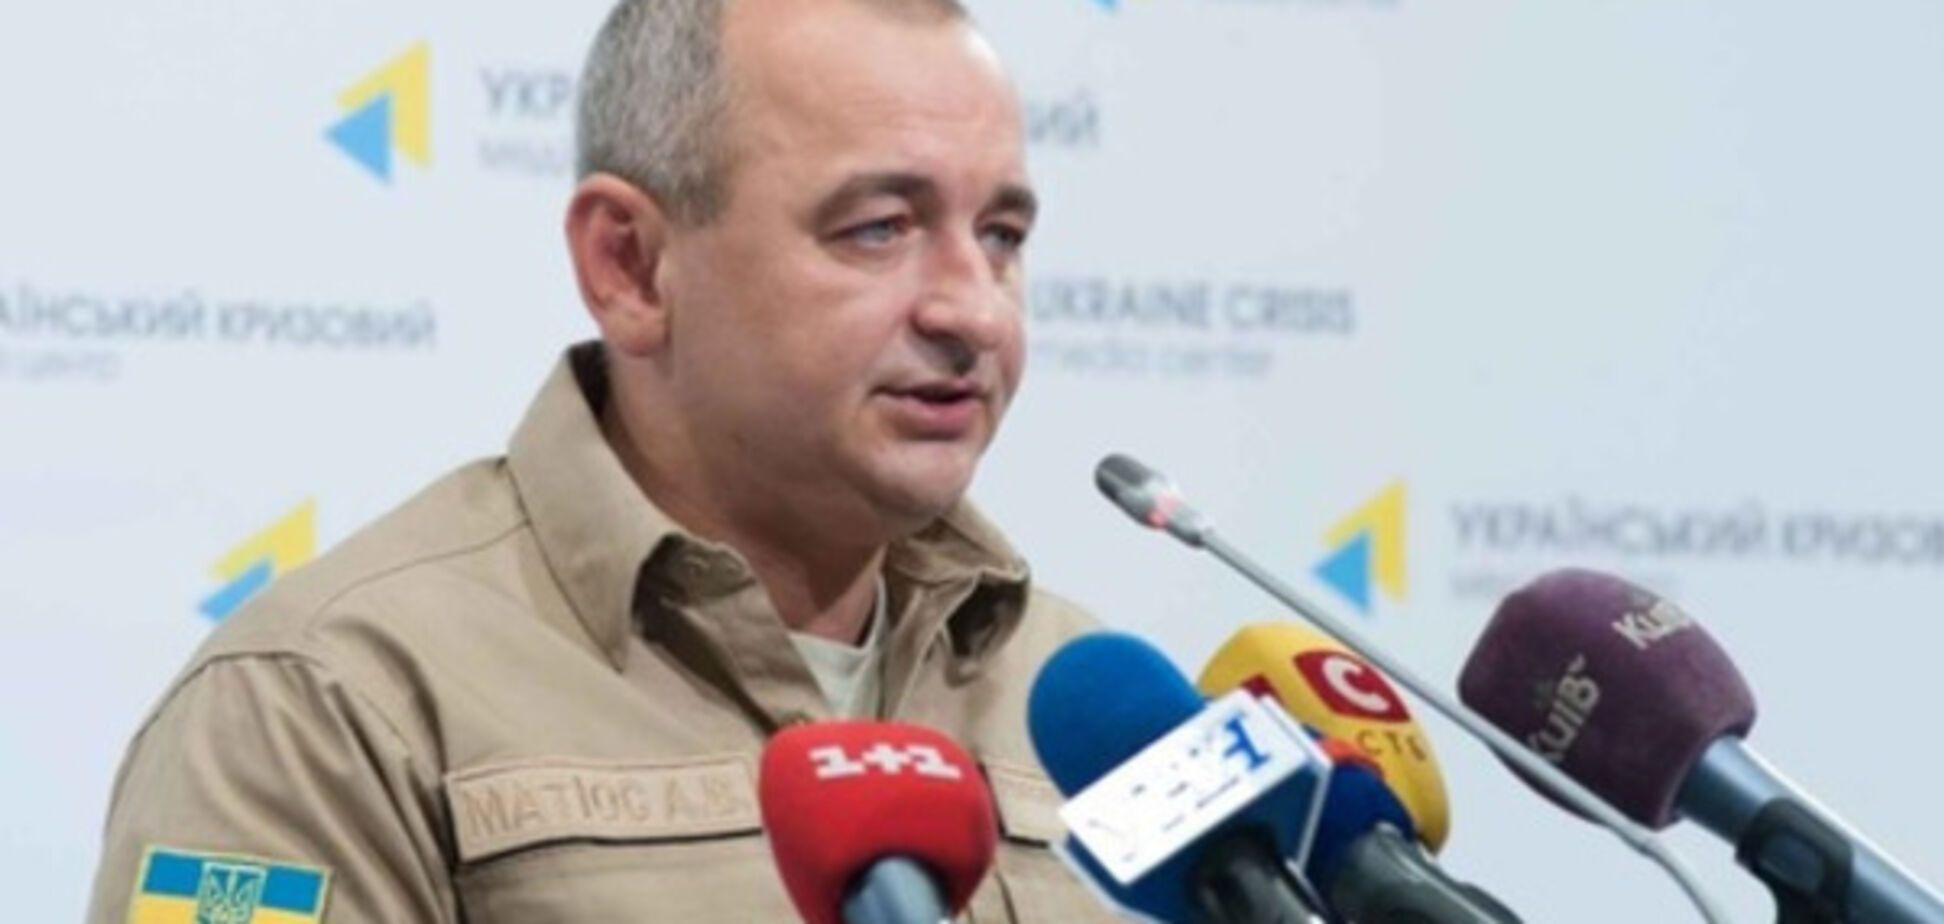 Могут убить: в ГПУ увидели угрозу для прокуроров по делу Януковича